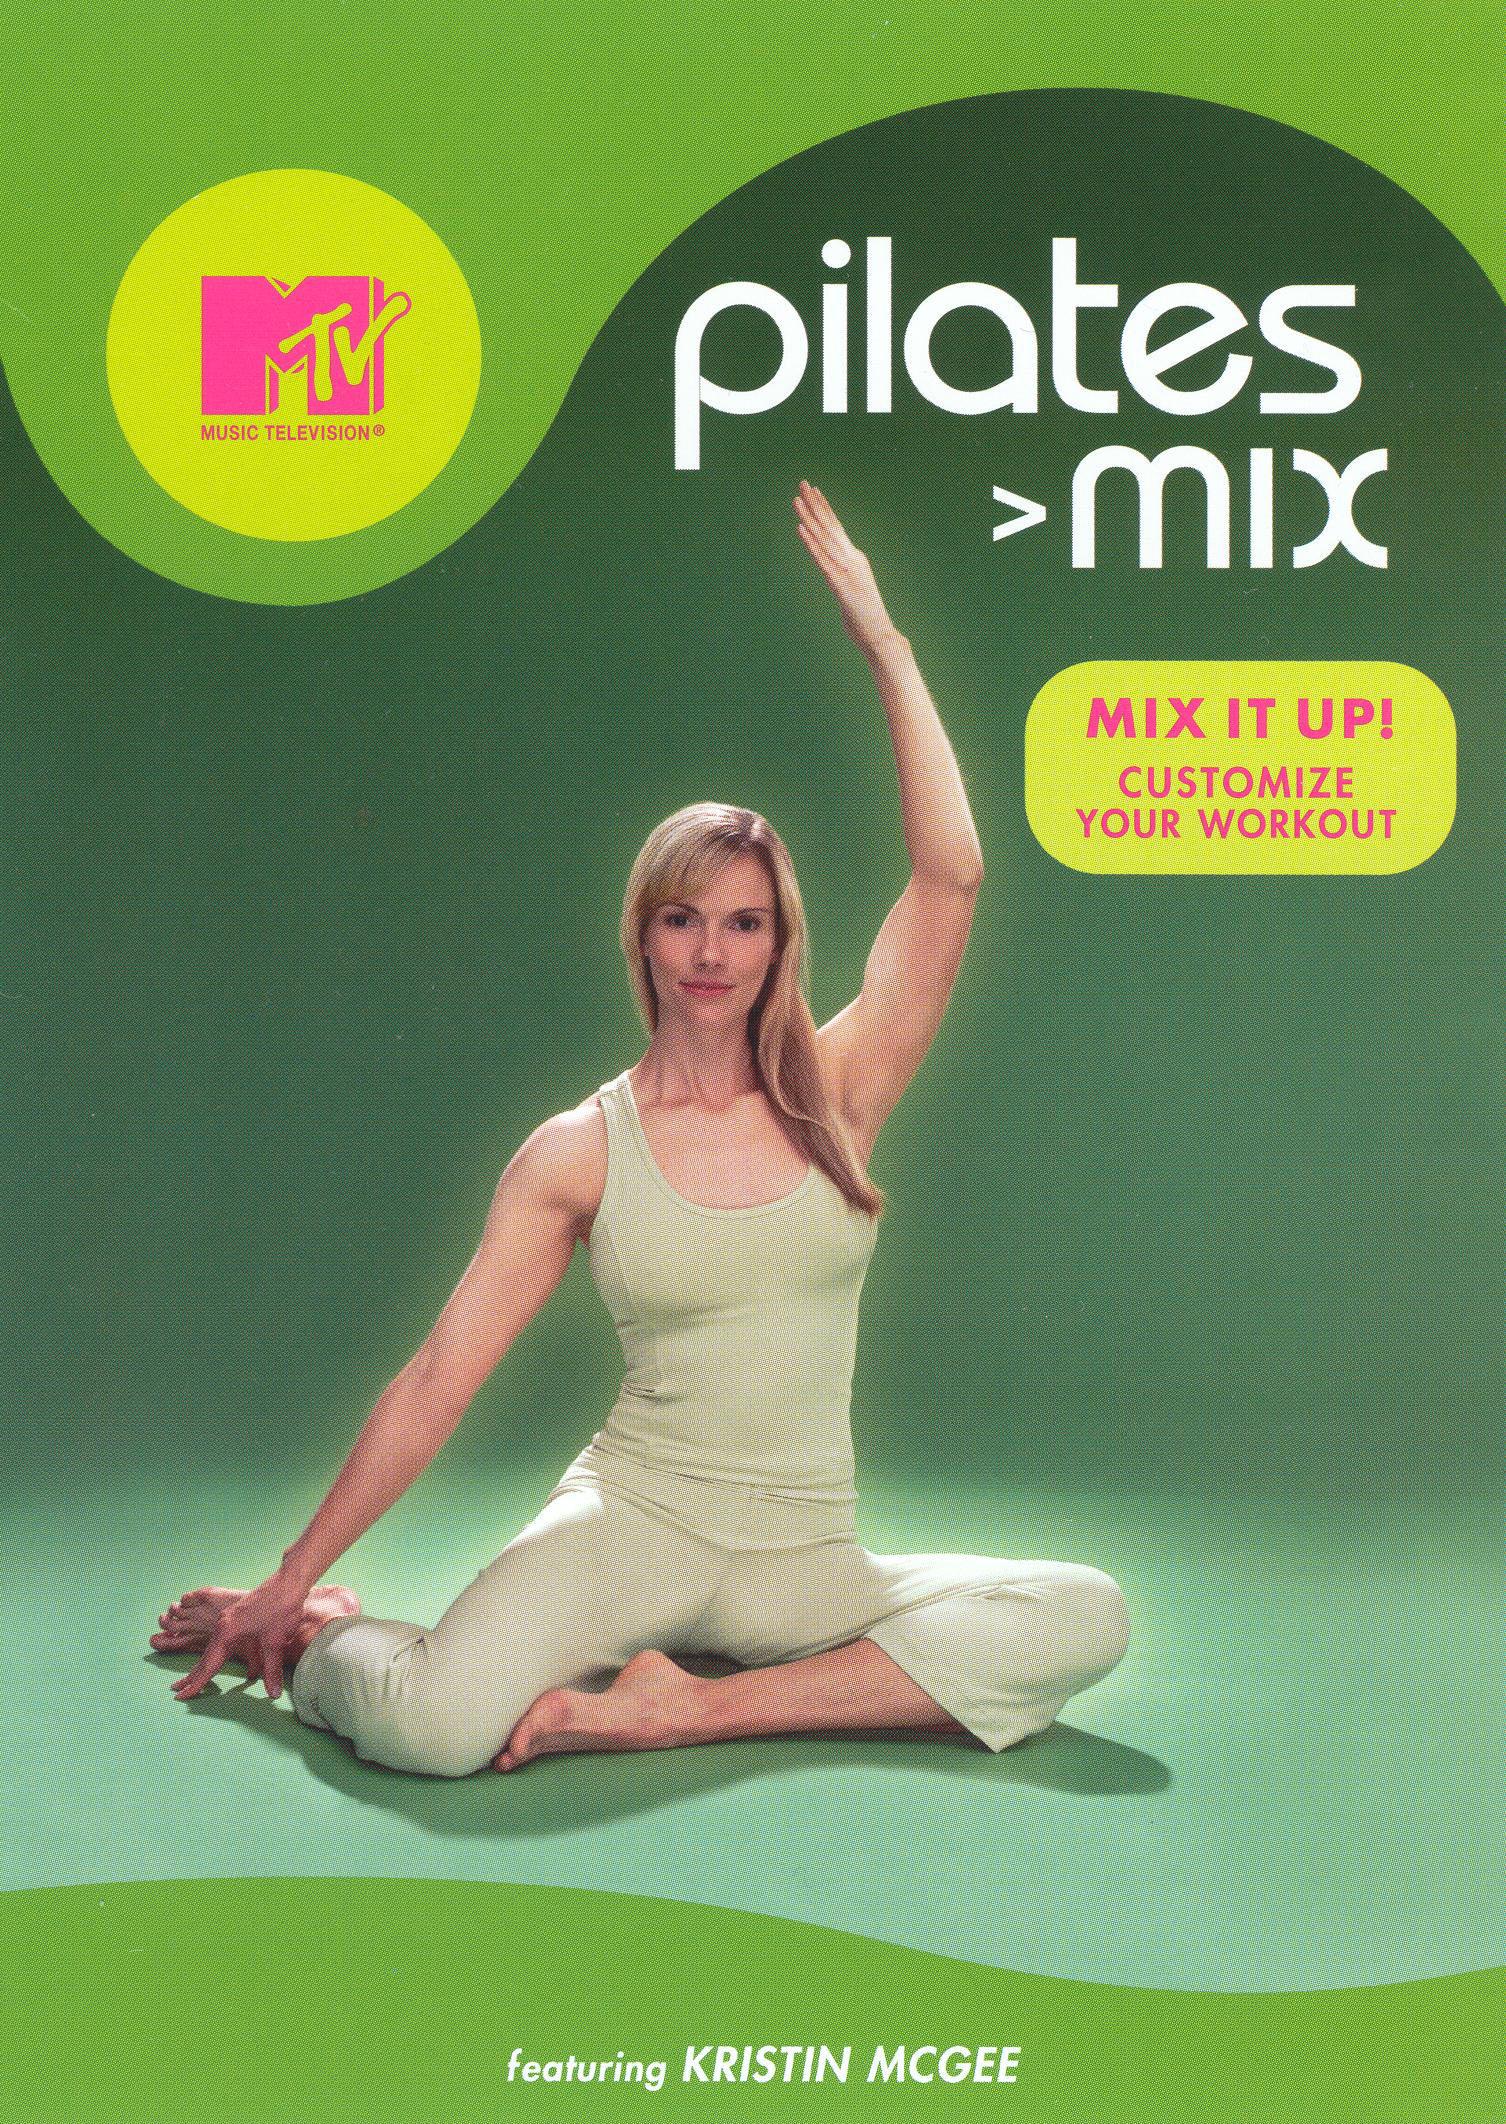 MTV: Pilates Mix